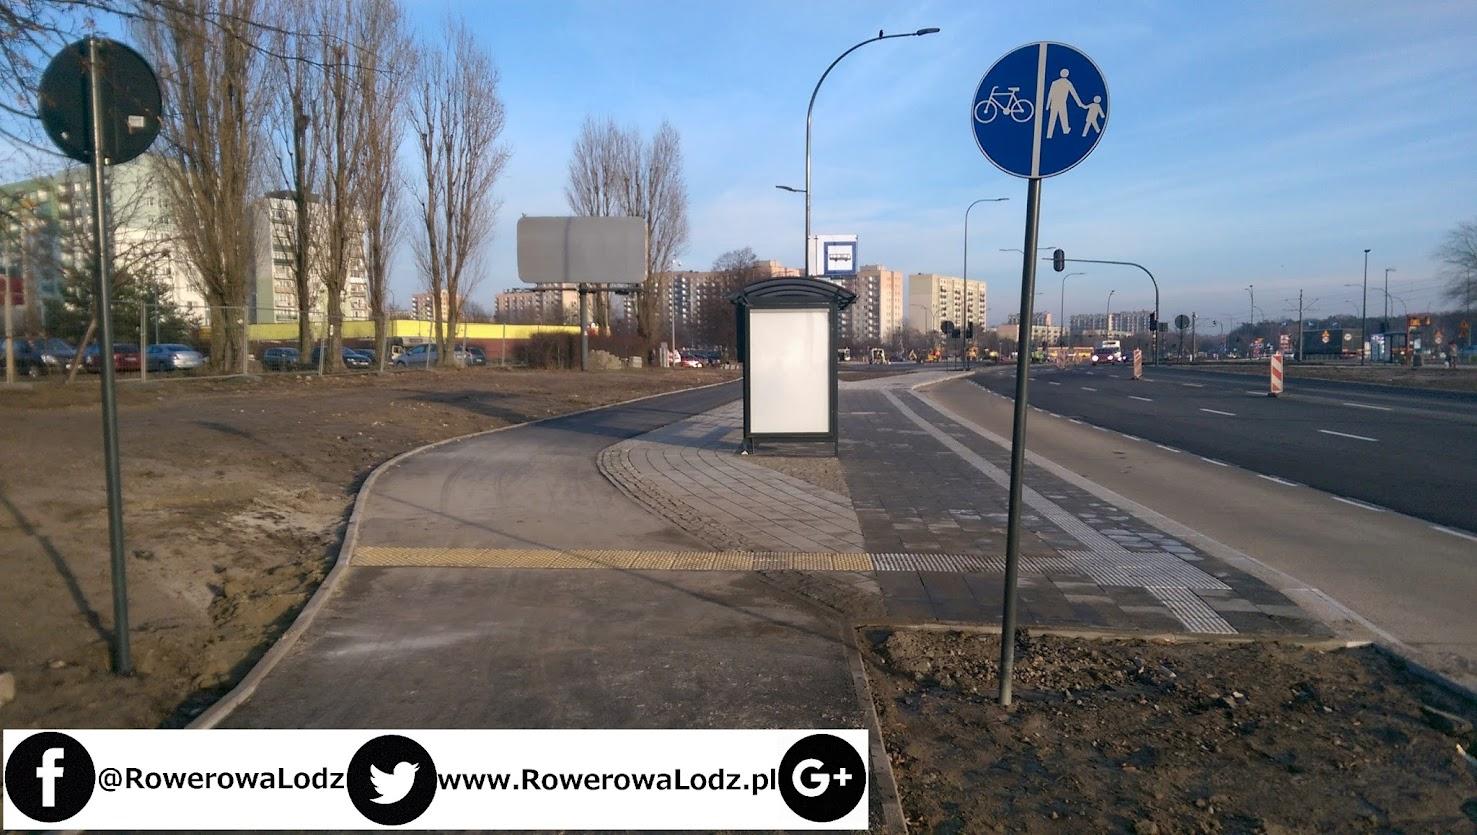 Chodnik oddzielony od DDR pojawia się dopiero przy przystanku MPK